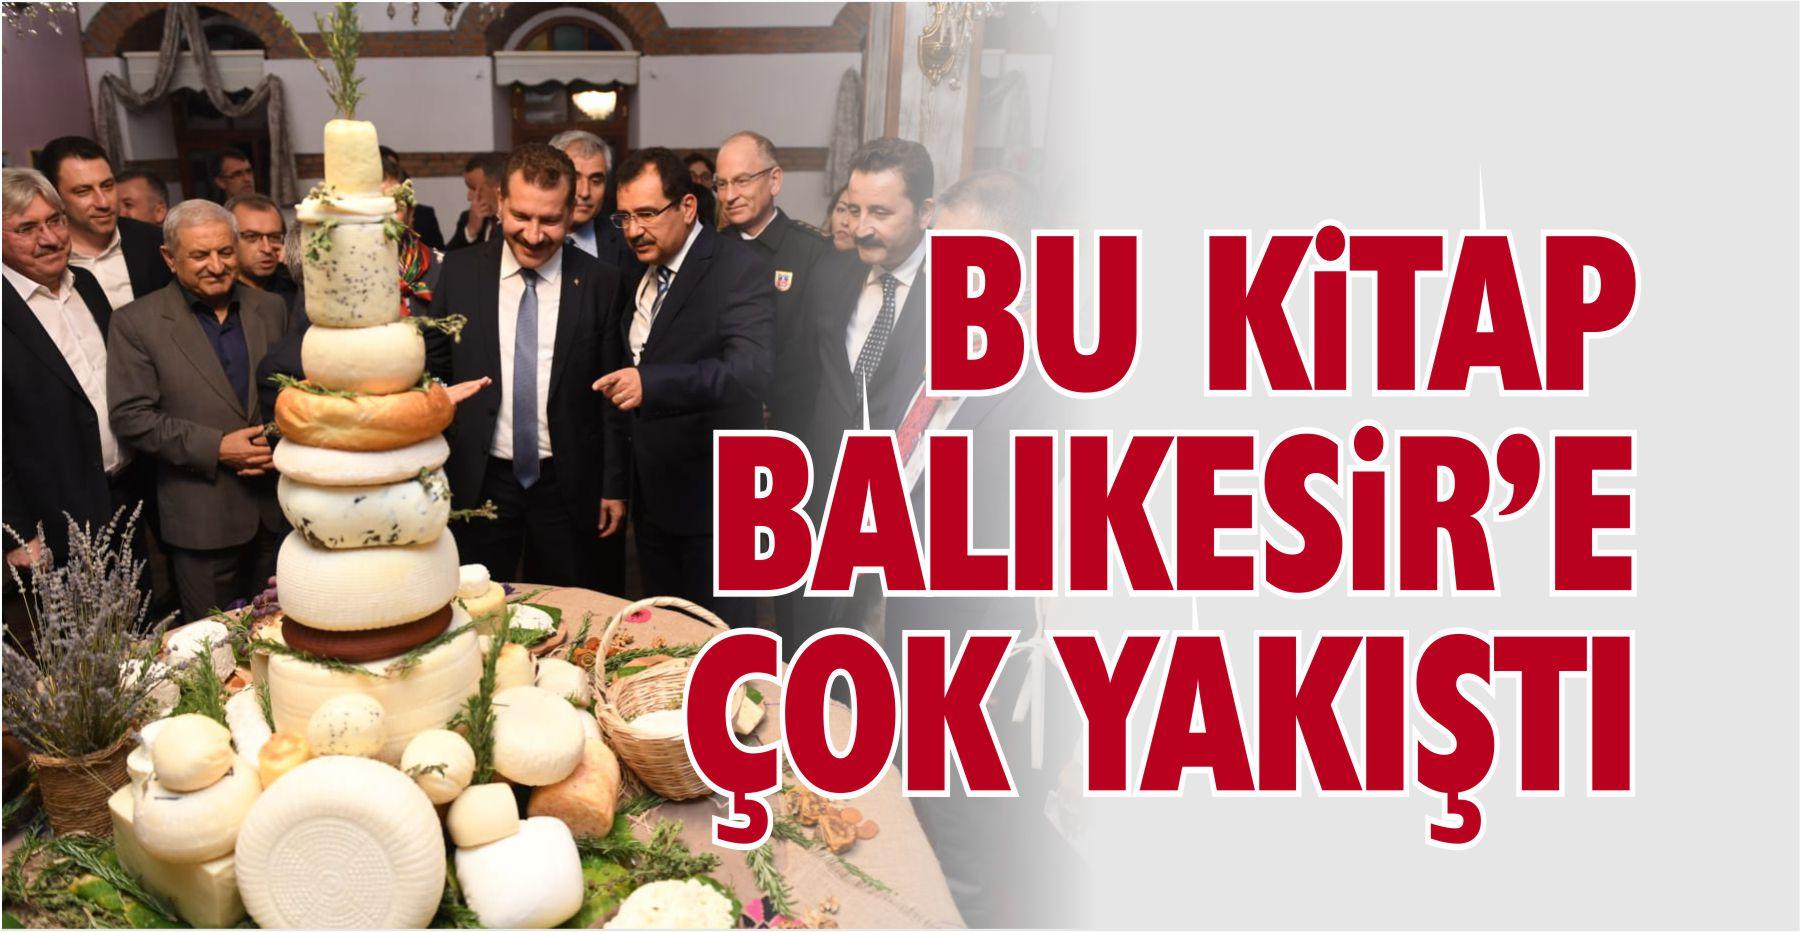 50 PEYNİRLİ ŞEHİR BALIKESİR'E GÖRKEMLİ LANSMAN